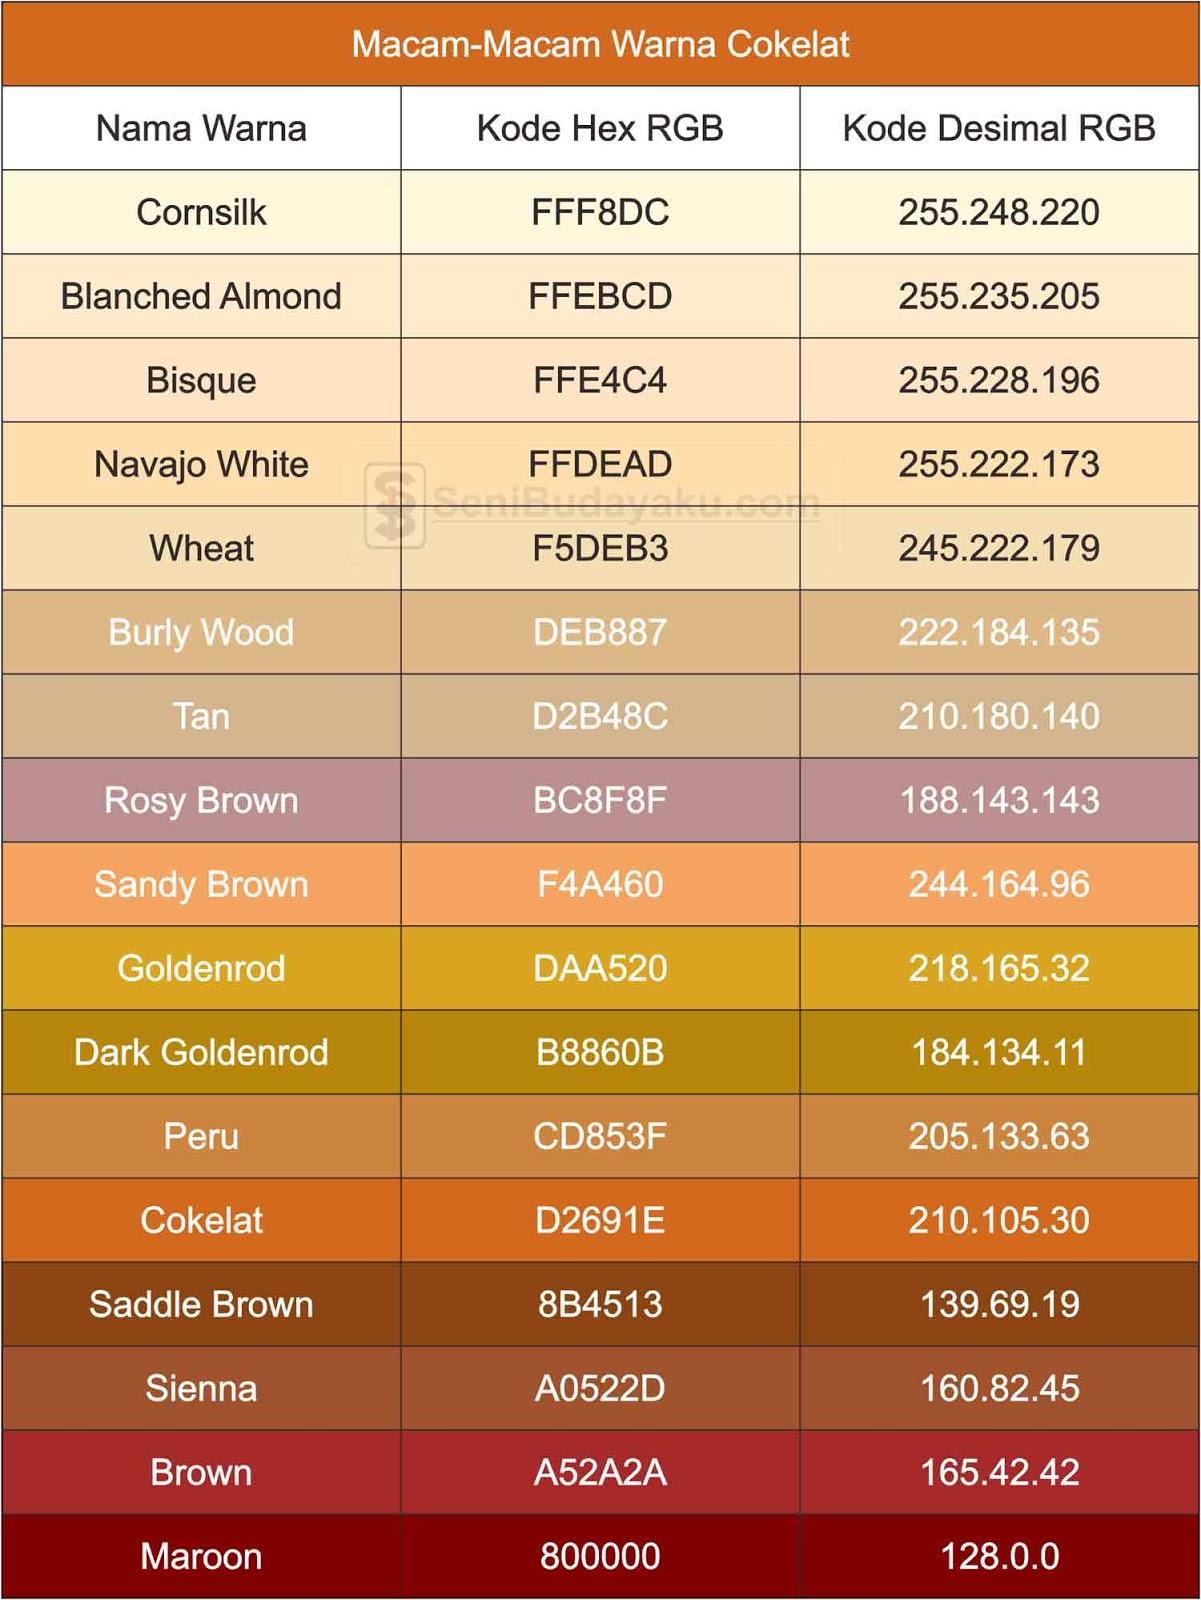 Contoh Warna Analogus : contoh, warna, analogus, Macam-Macam, Warna:, Merah,, Kuning,, Biru,, Hijau,, Cokelat,, Ungu,, Abu-Abu,, Budayaku